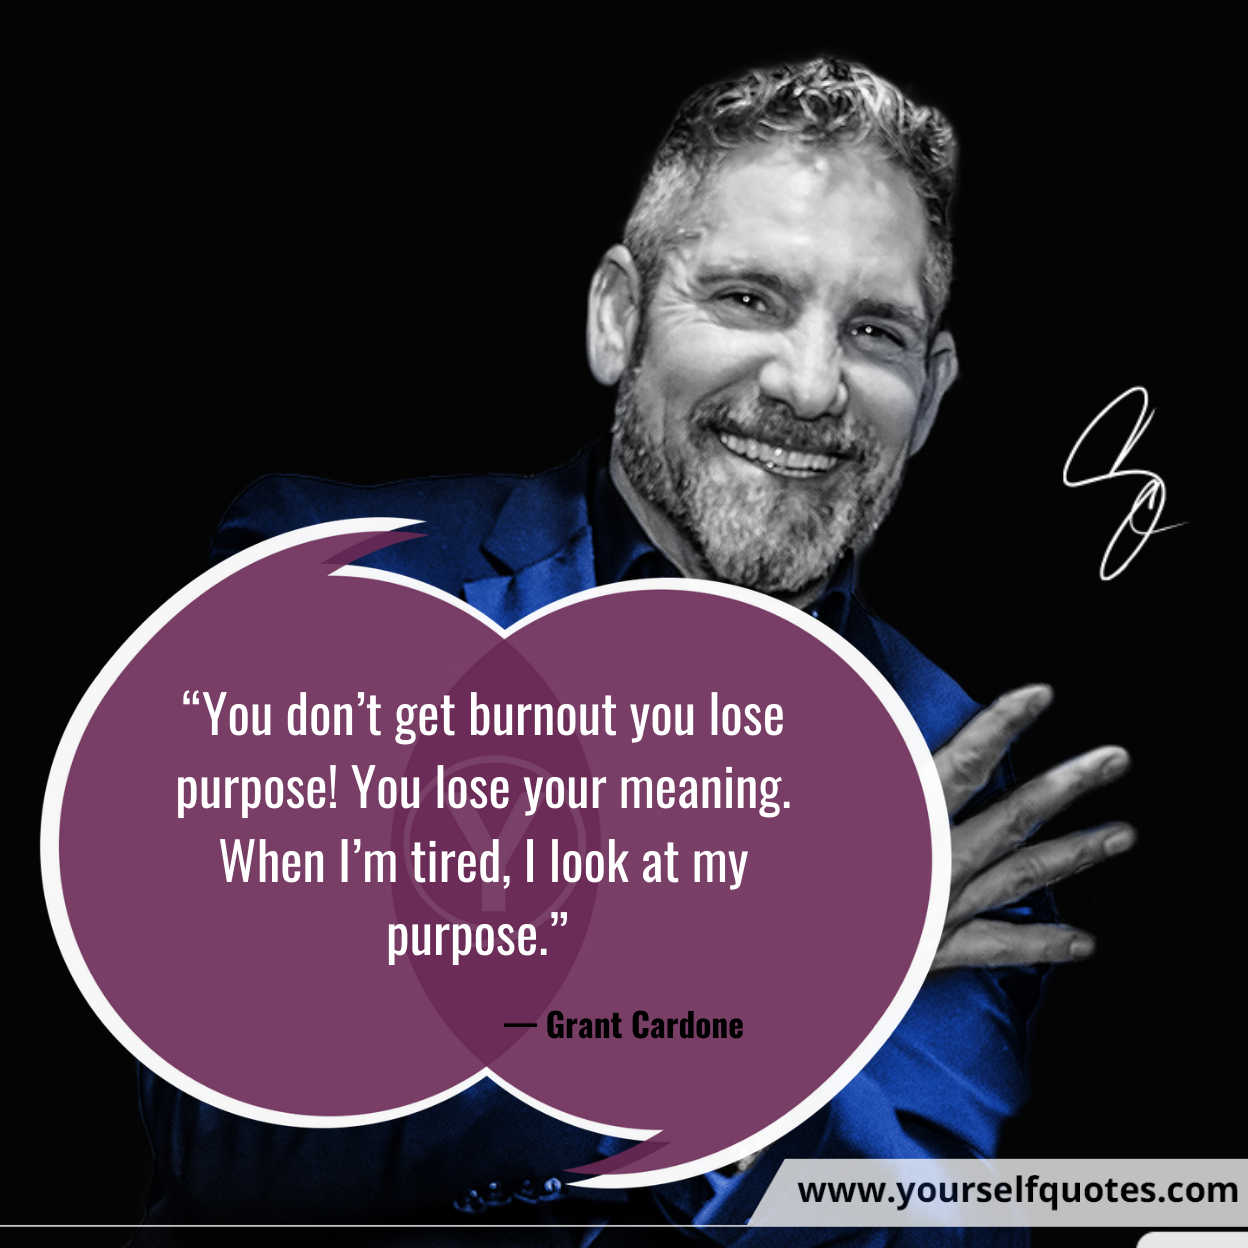 Quotes GrantCardone